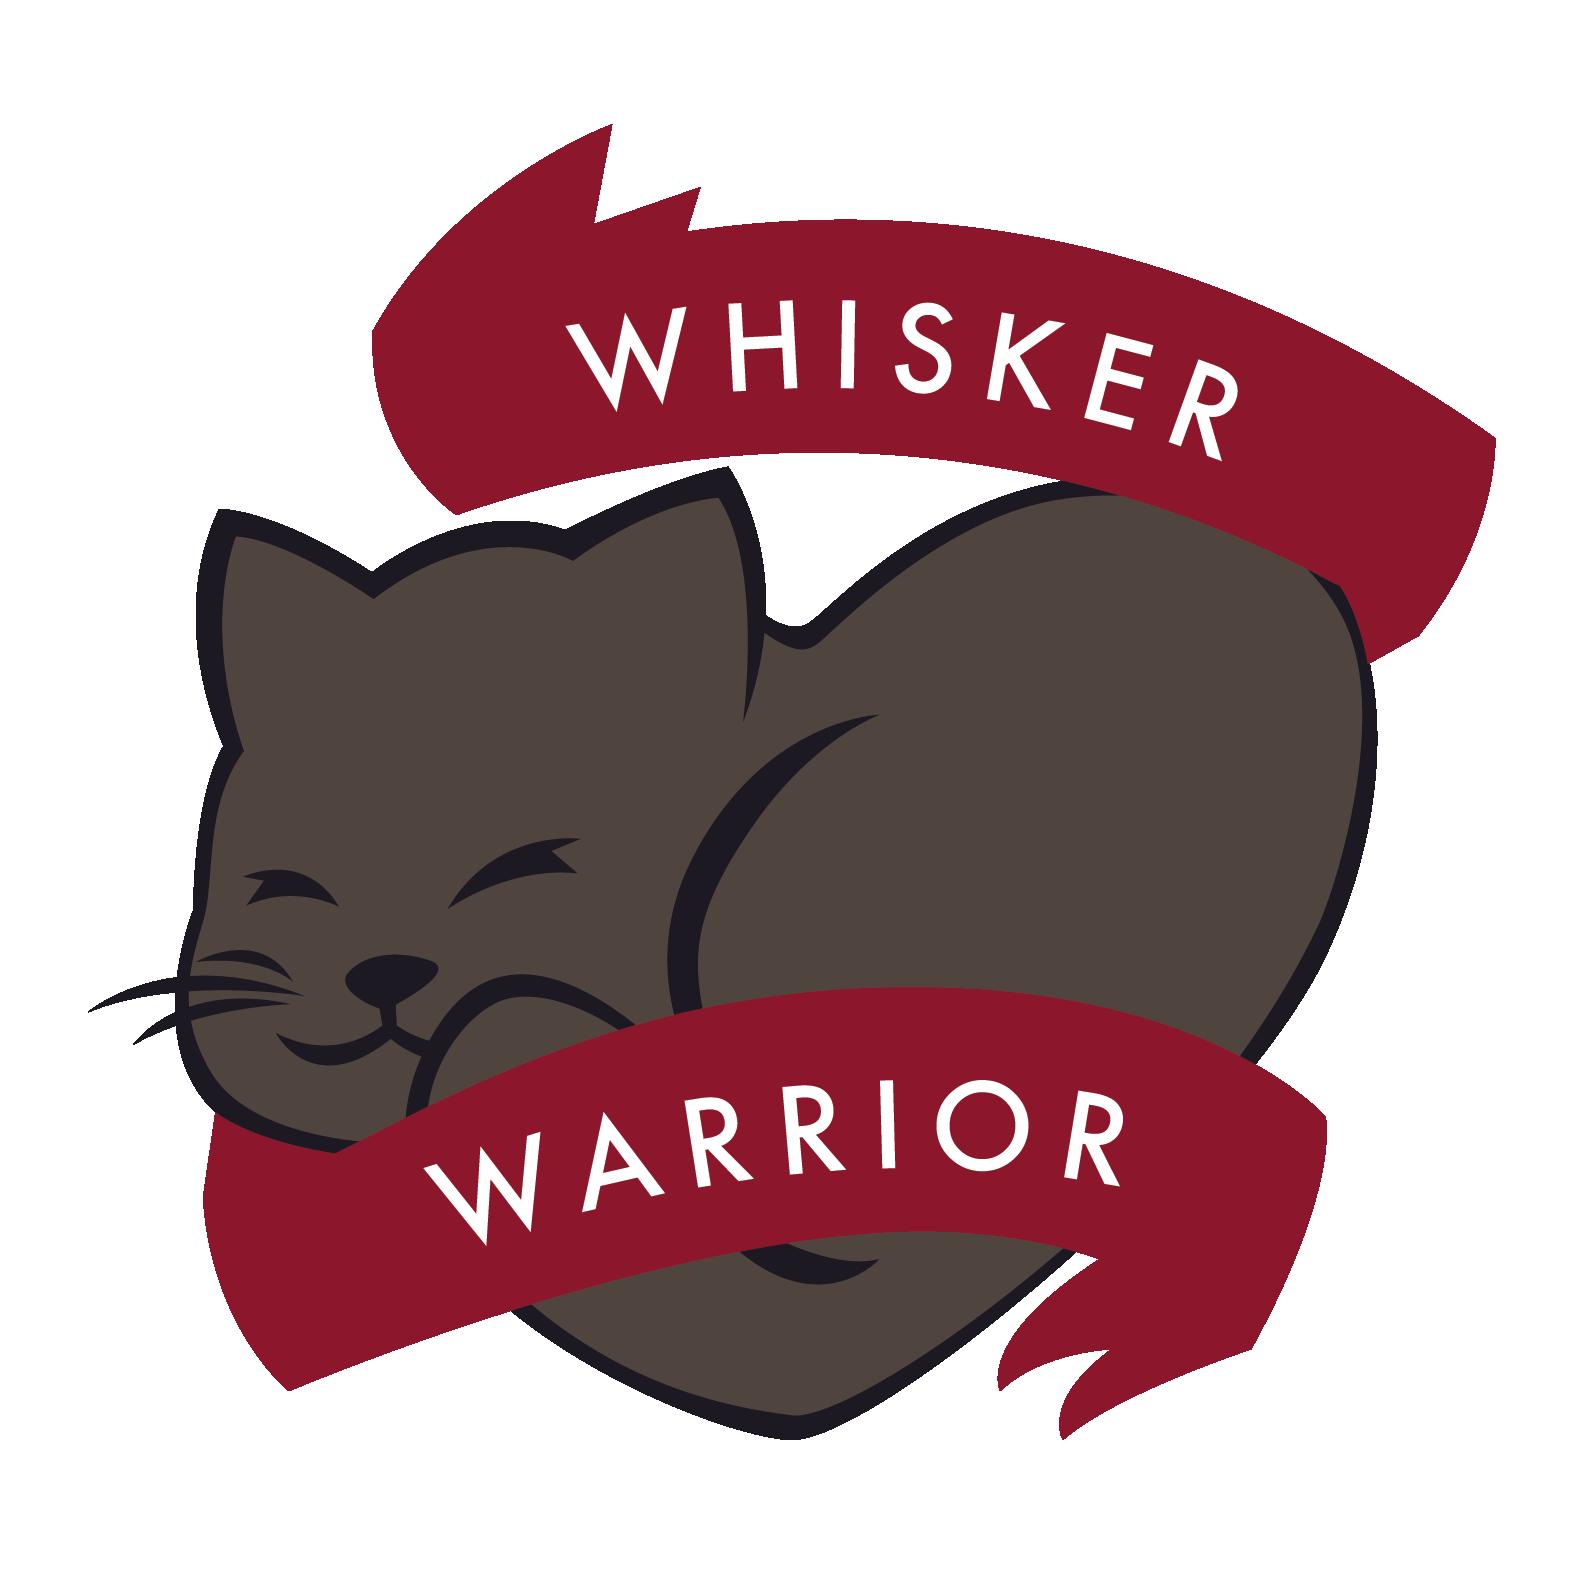 Whisker Warrior